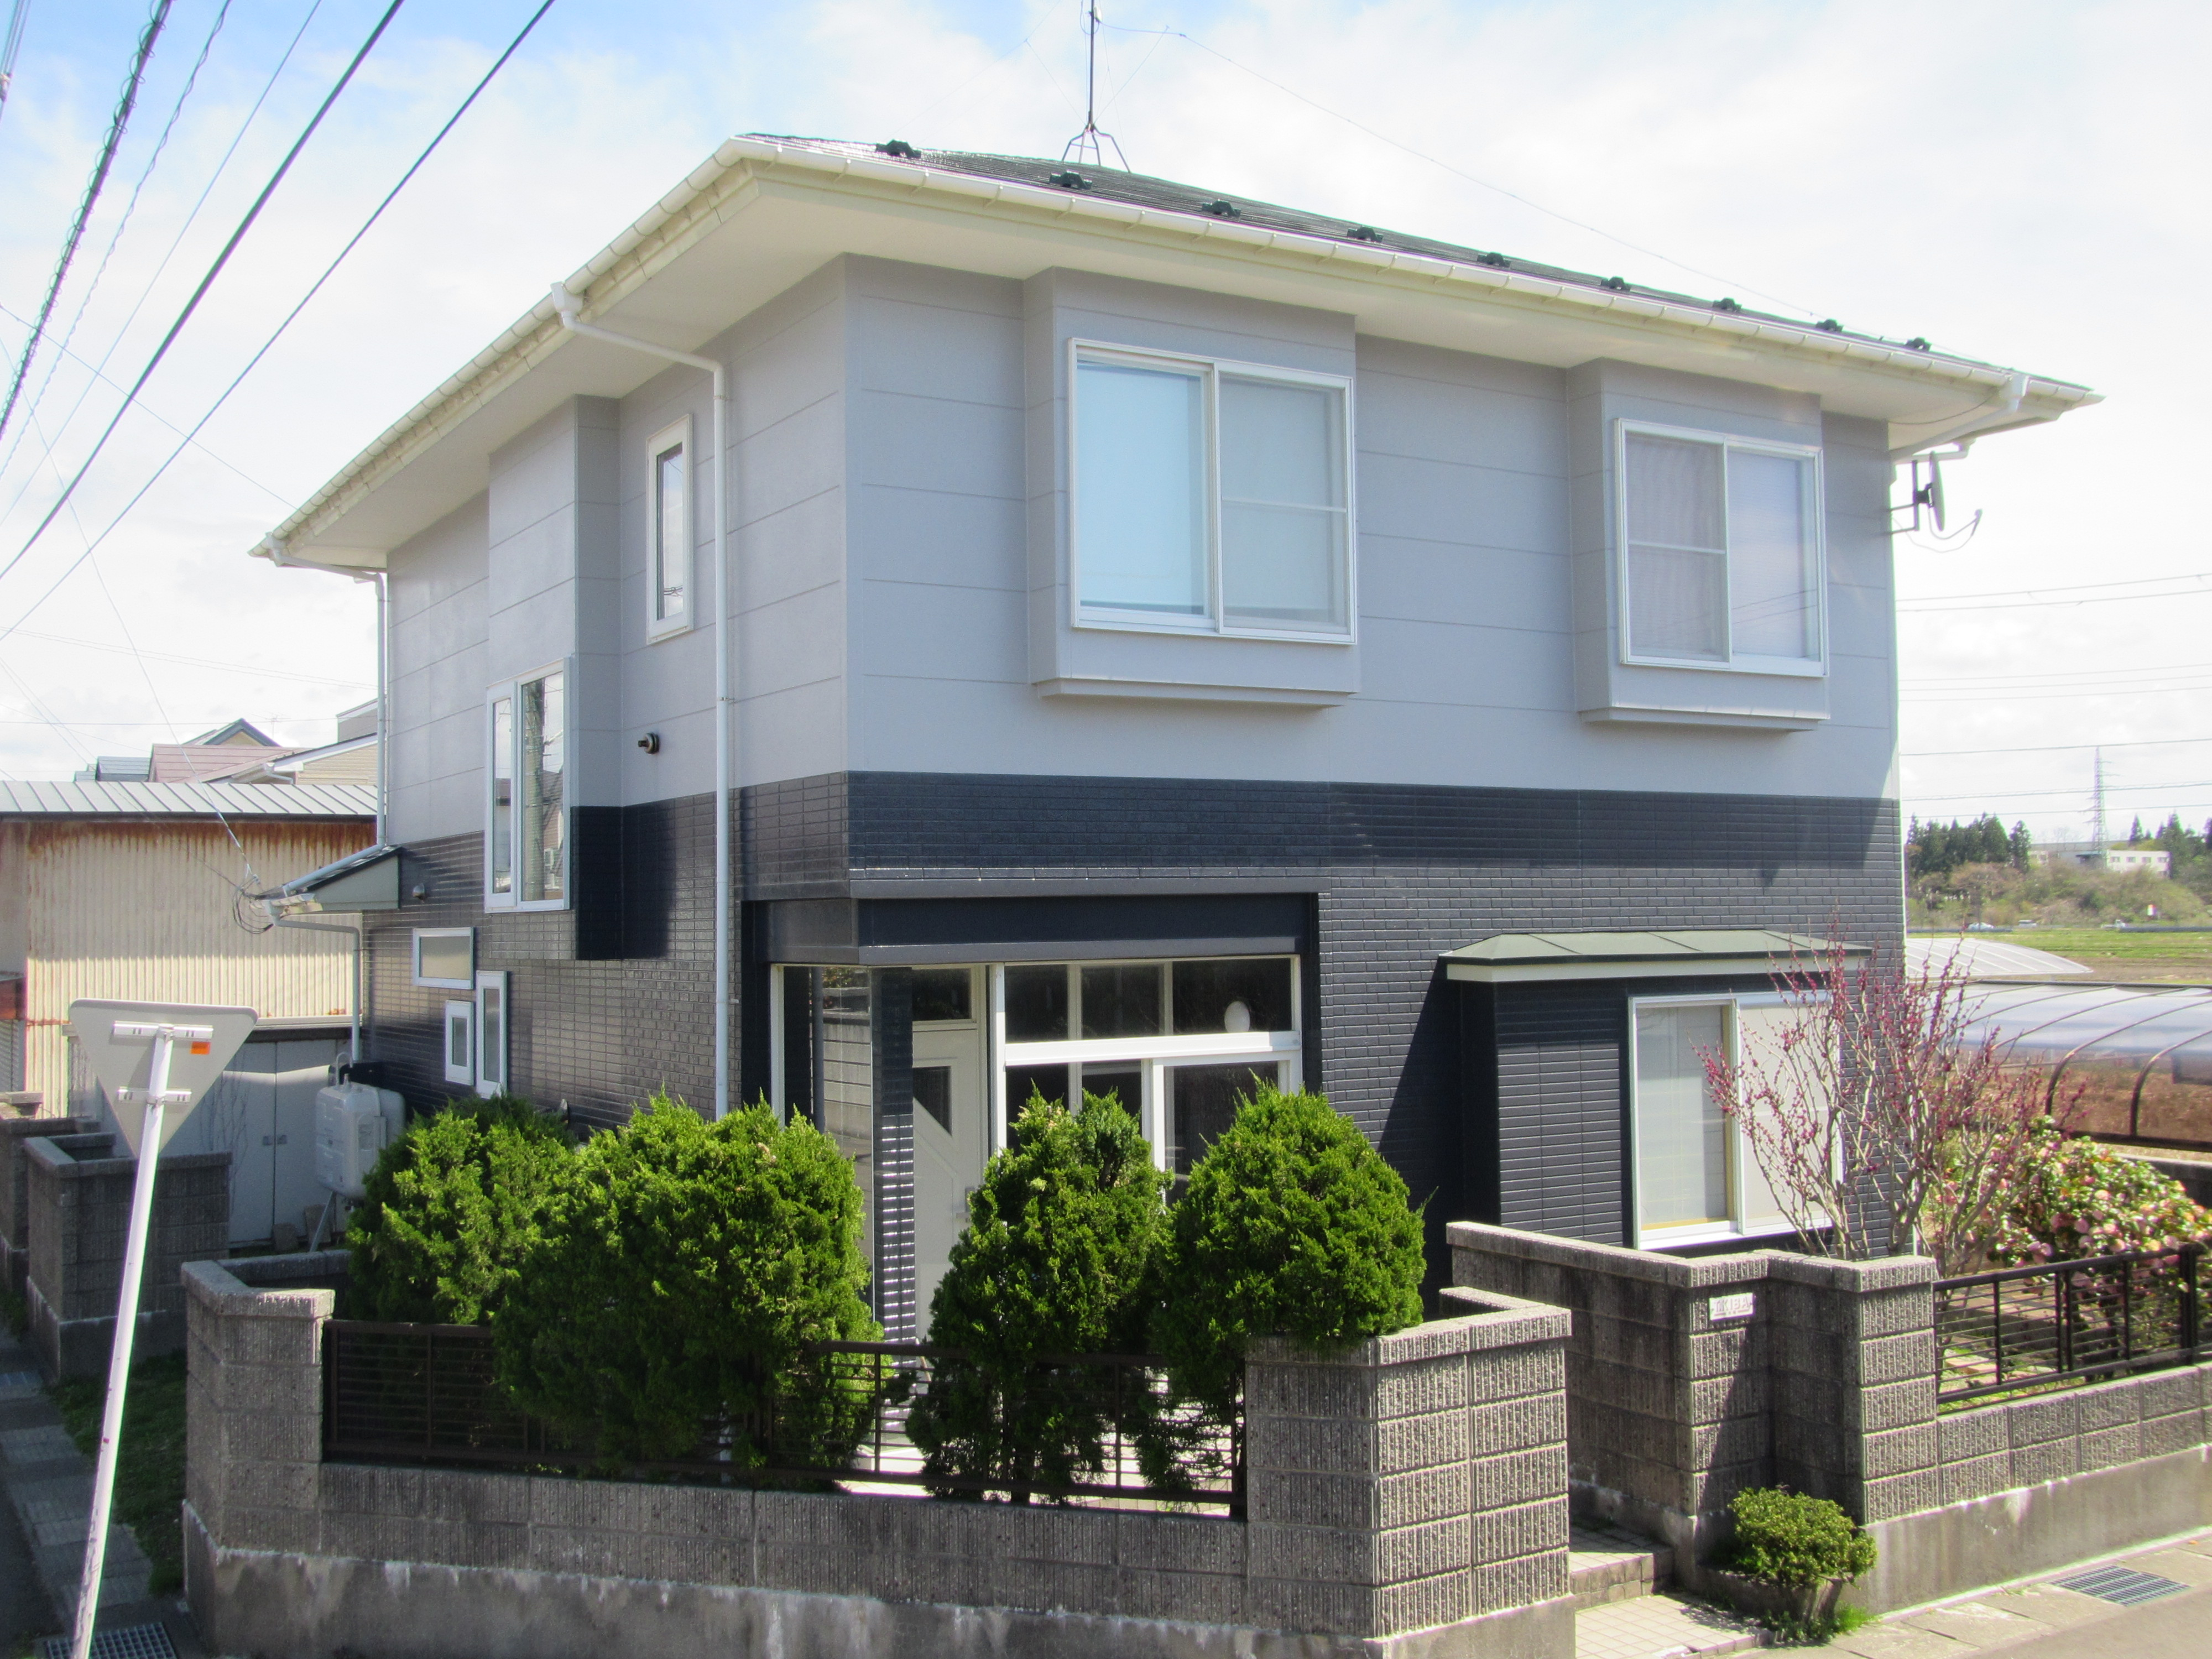 高耐久な外装リフォーム(屋根・外壁塗装)